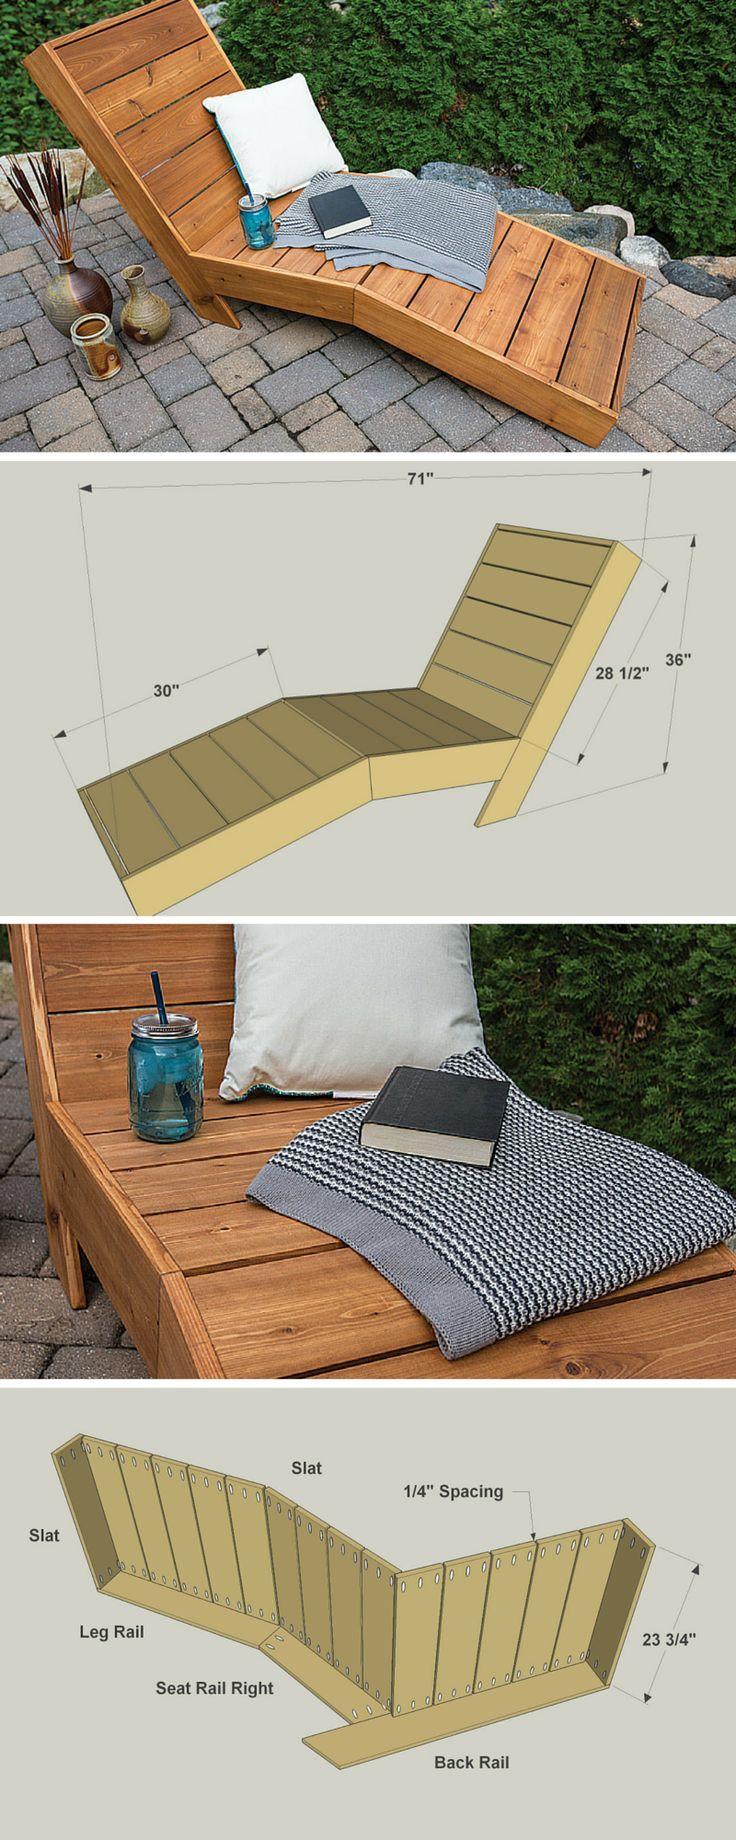 51 best cedar deck designs images on pinterest cedar deck cover design and deck design. Black Bedroom Furniture Sets. Home Design Ideas